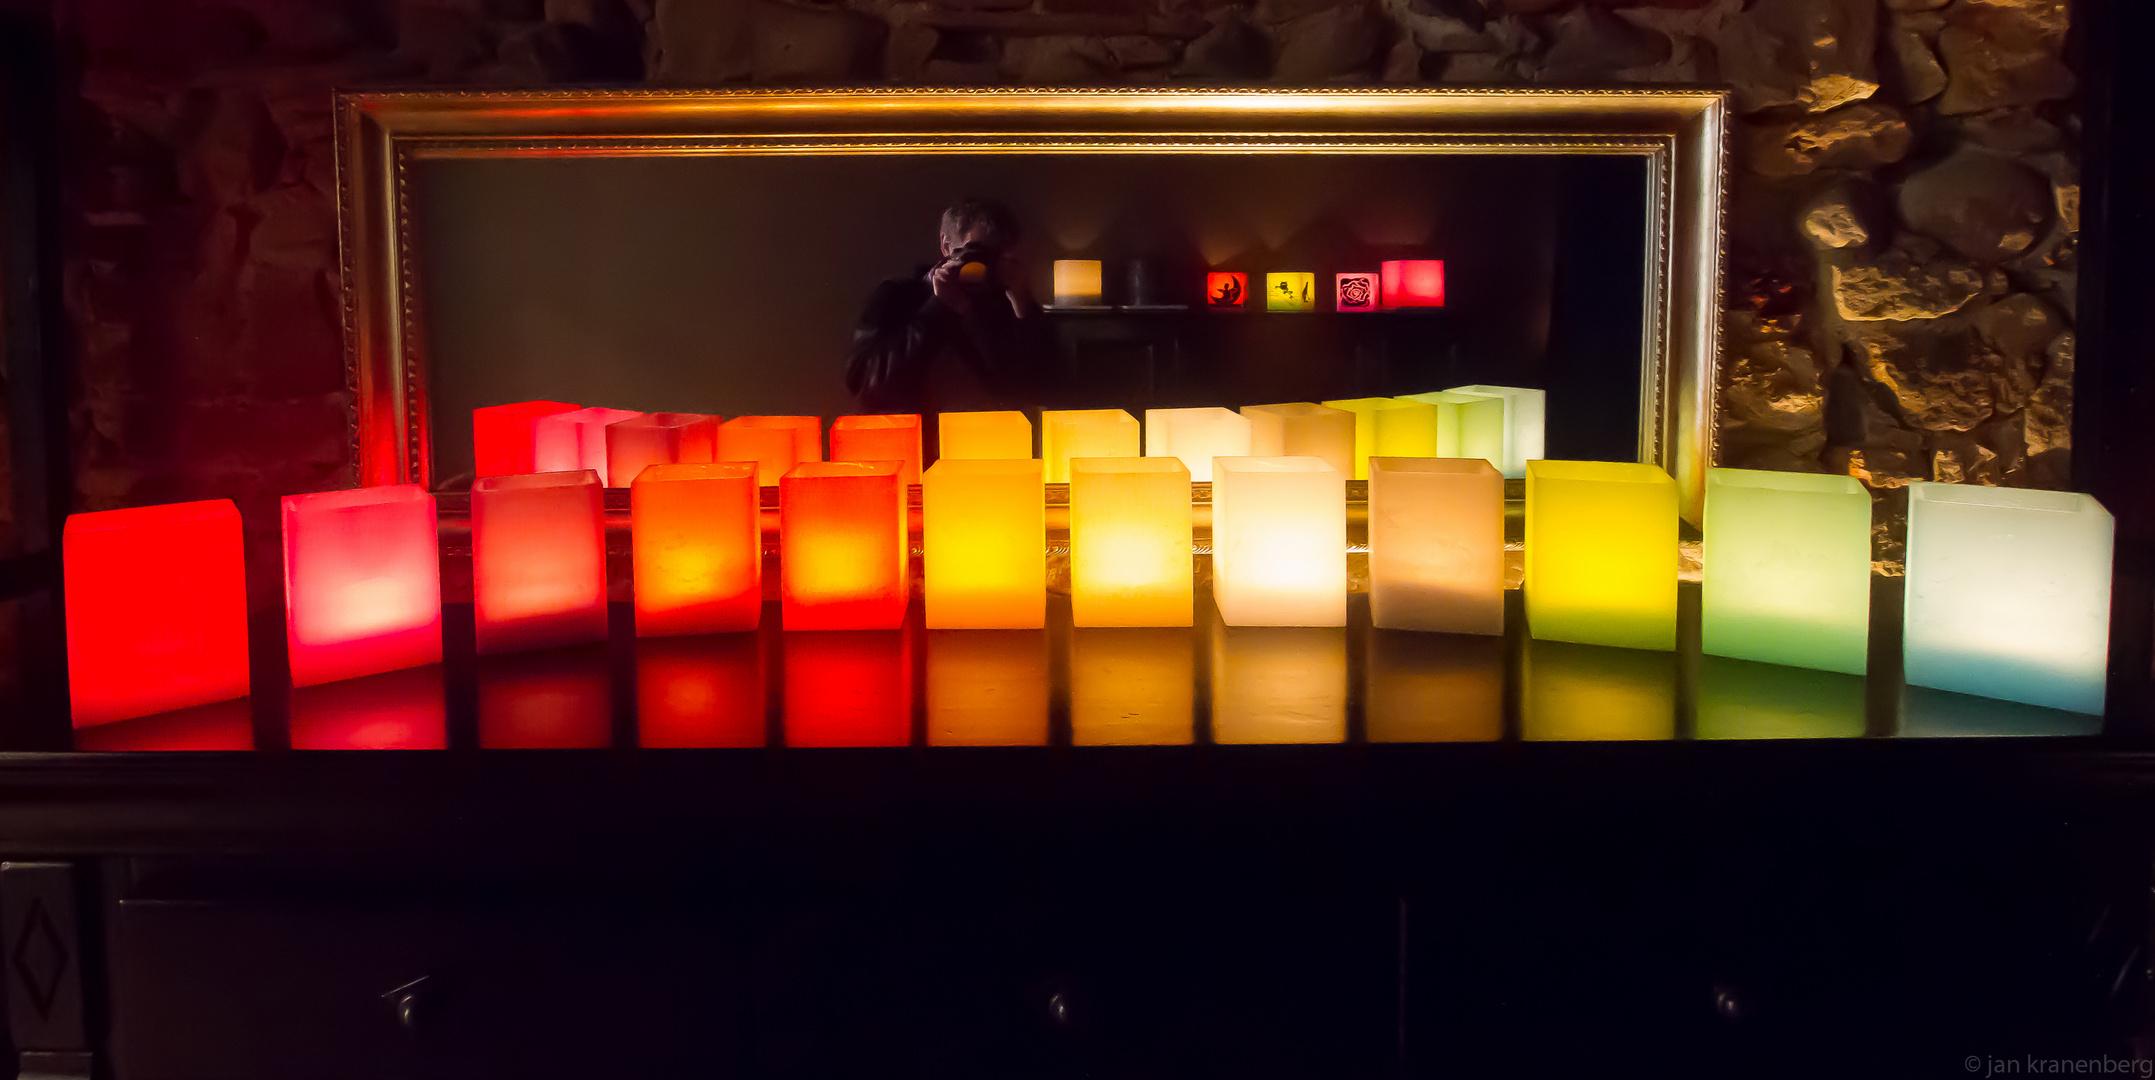 Kerzen in einem Geschäft